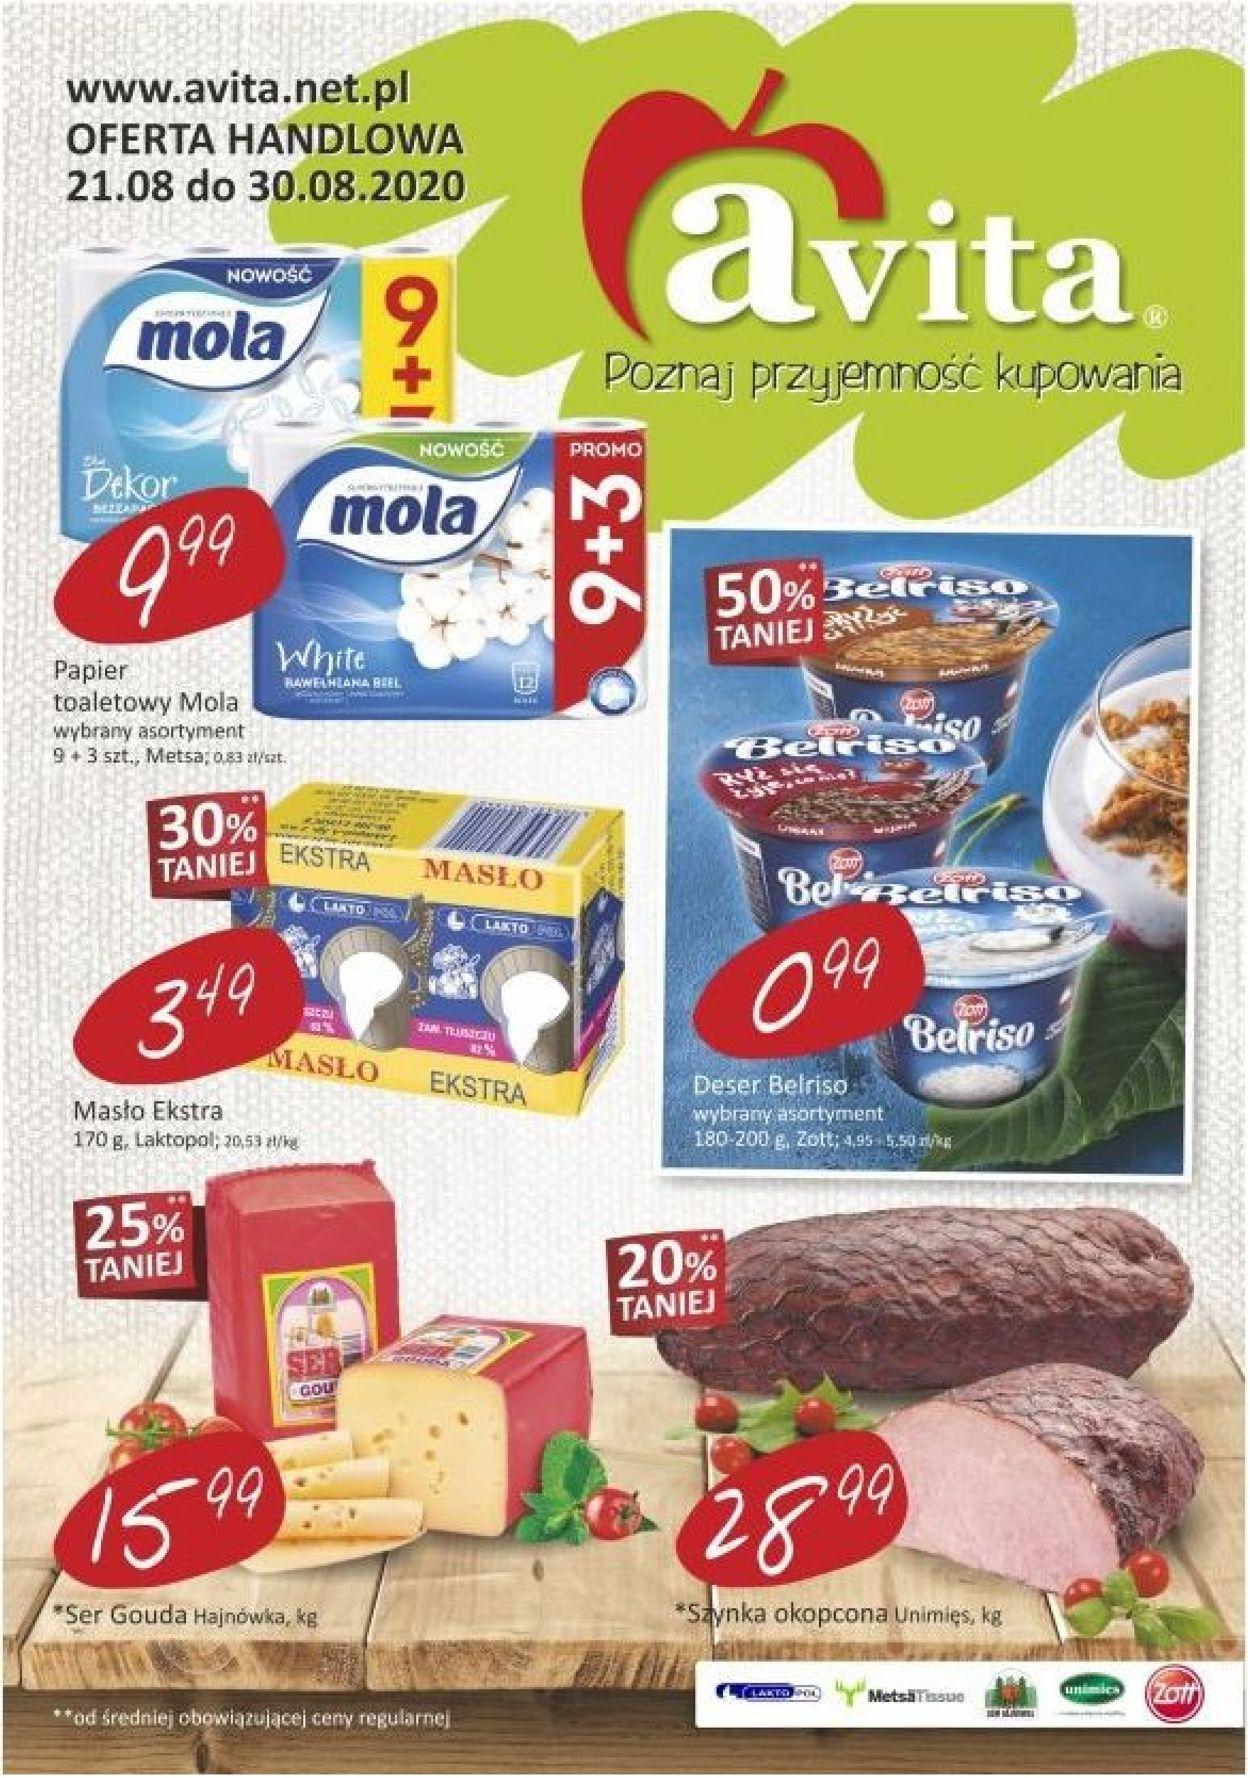 Gazetka promocyjna Avita - 21.08-30.08.2020